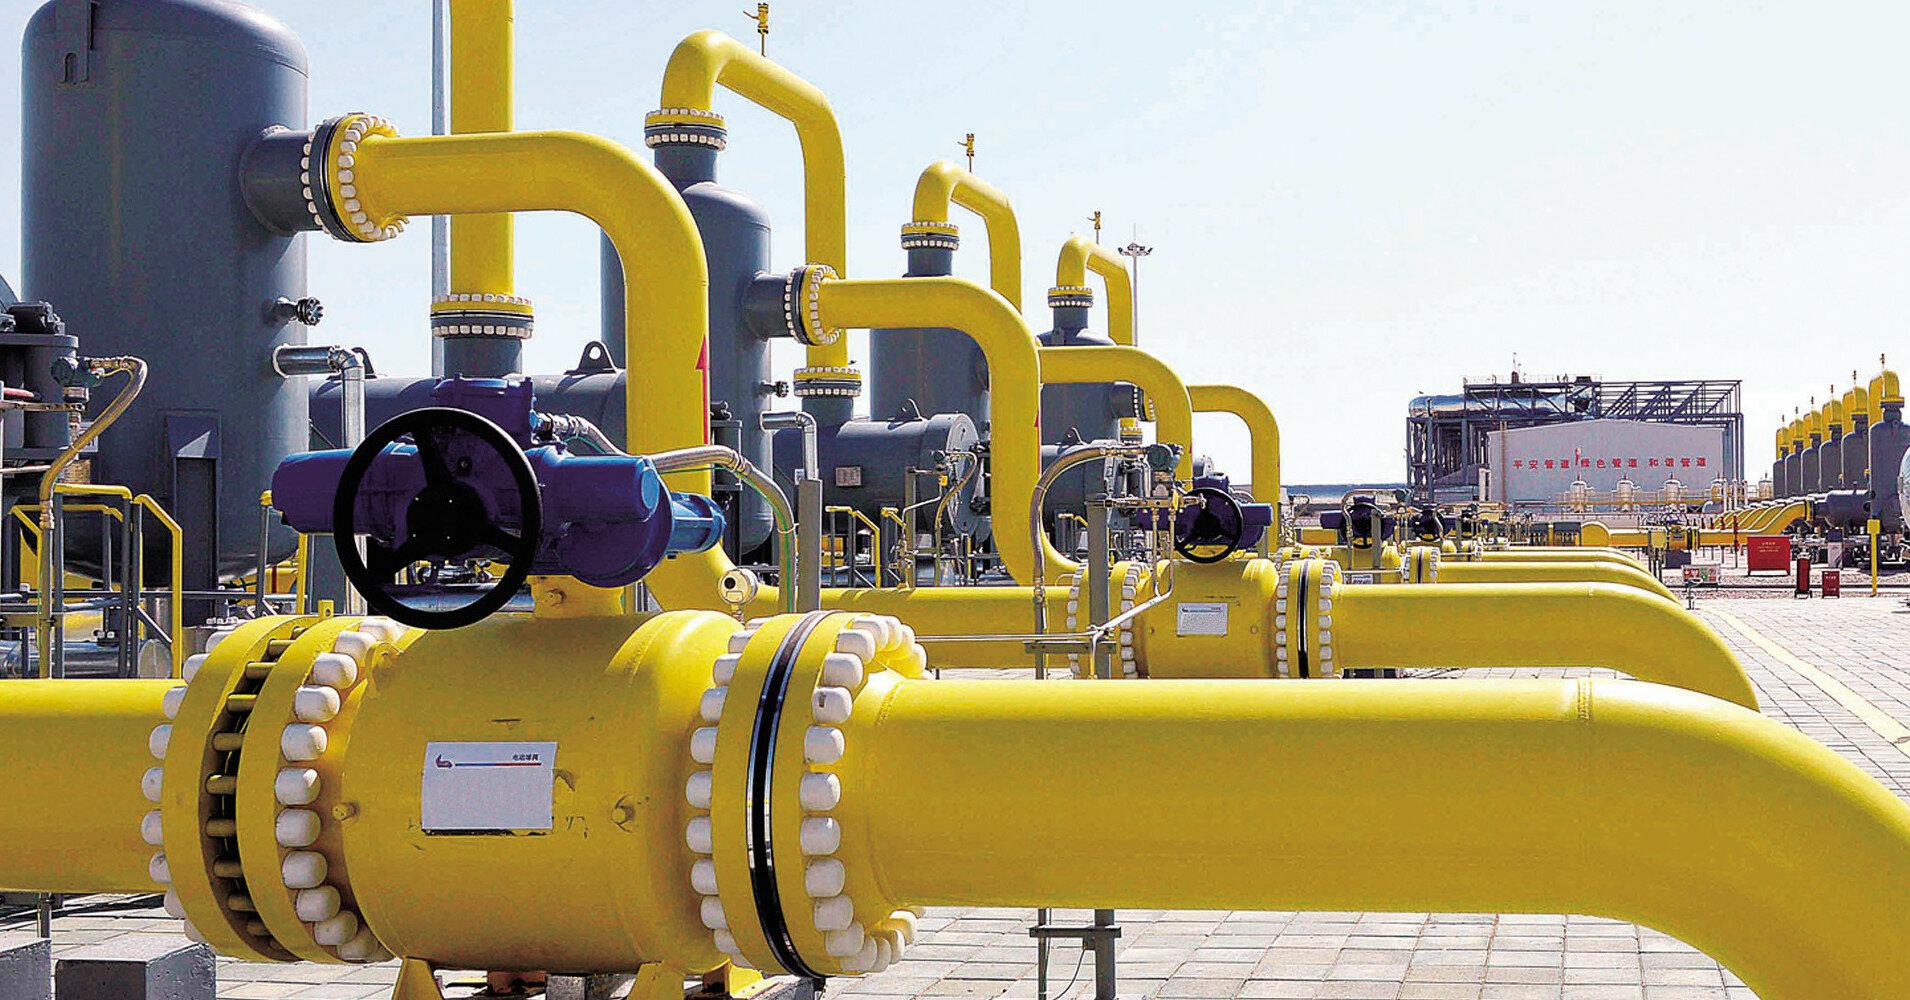 Цена на газ в Европе обрушилась вслед за нефтью